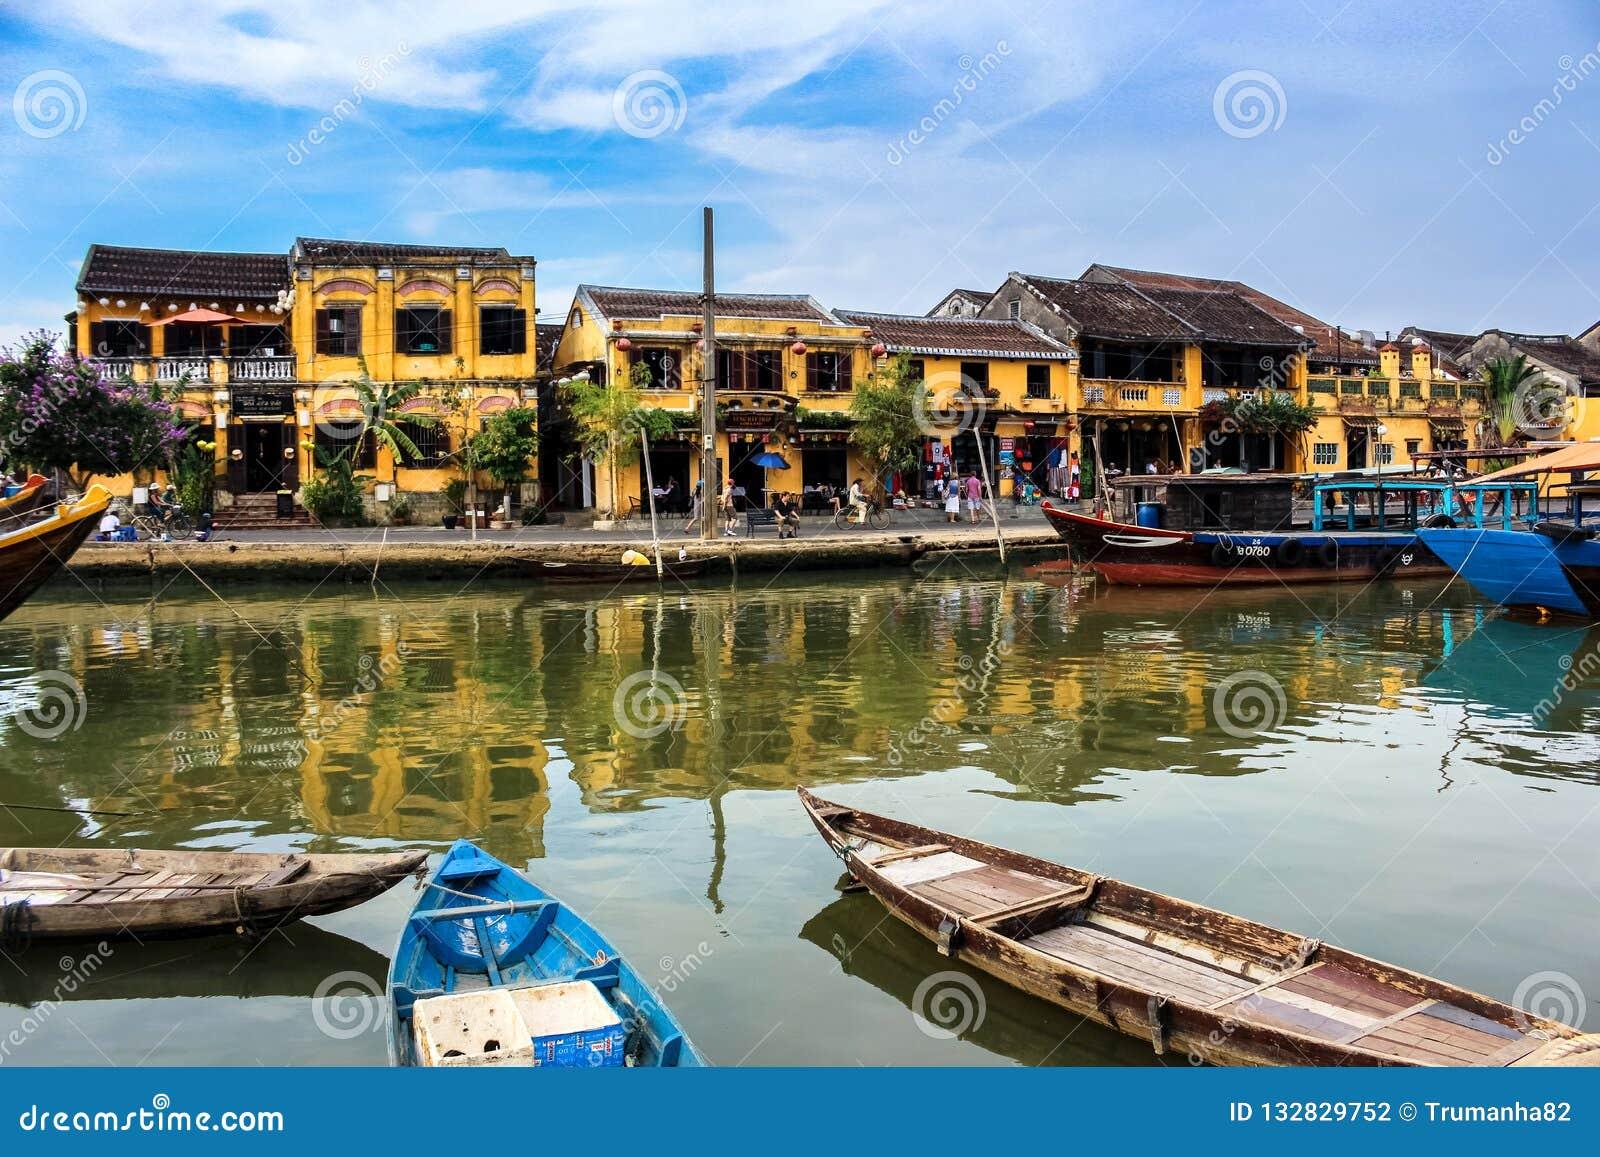 Sereniteten av Hoi An Ancient Town i centrala Vietnam